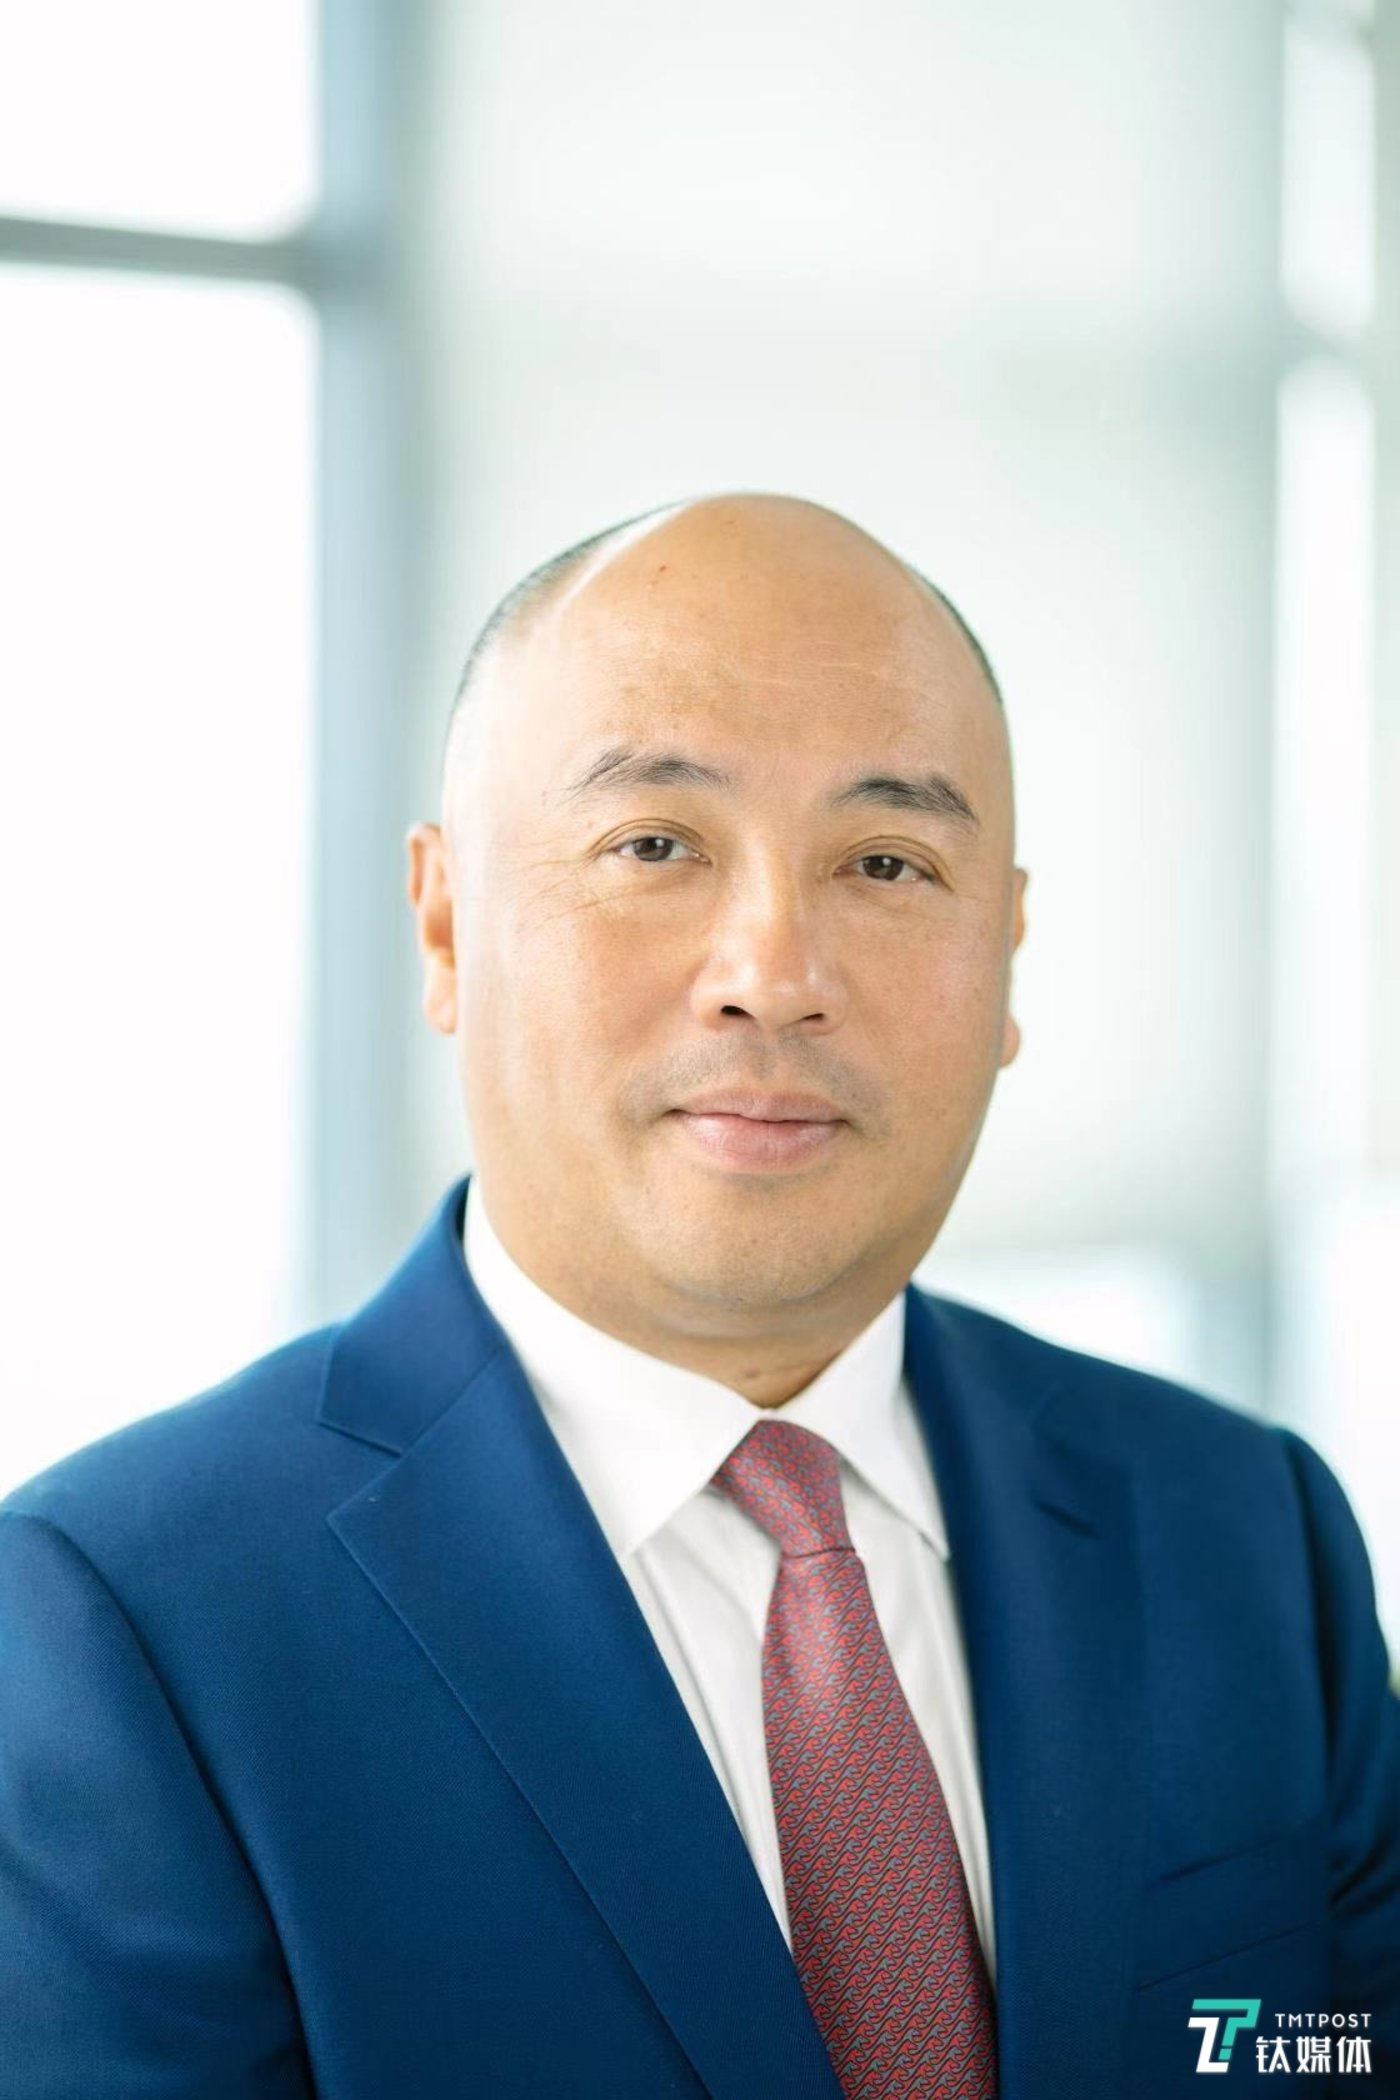 杨旭经历了英特尔公司五任全球CEO,见证了公司文化如何传承和演变